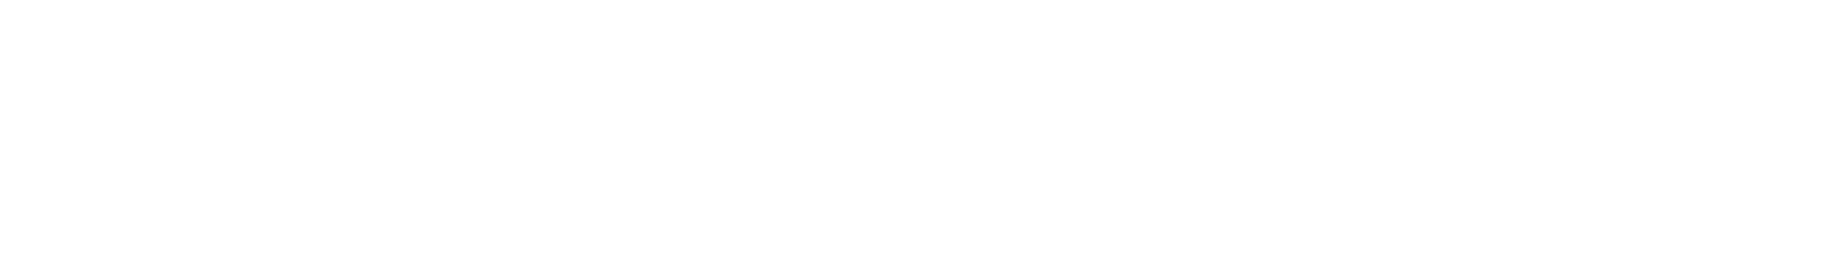 中国信息无障碍产品联盟